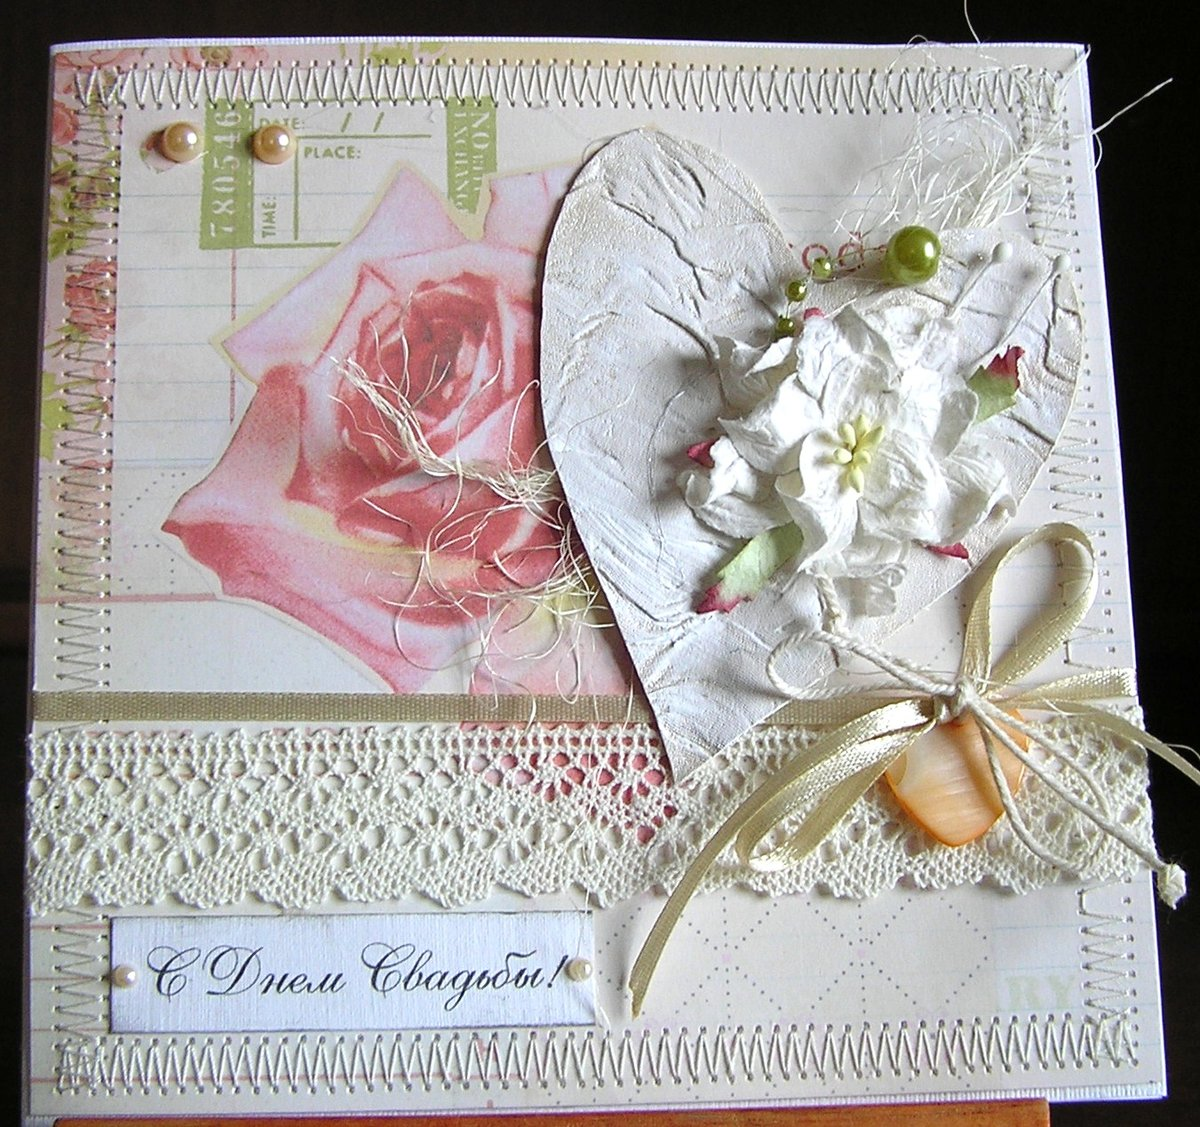 Скрапбукинг идеи открытки на свадьбу, анимация слез